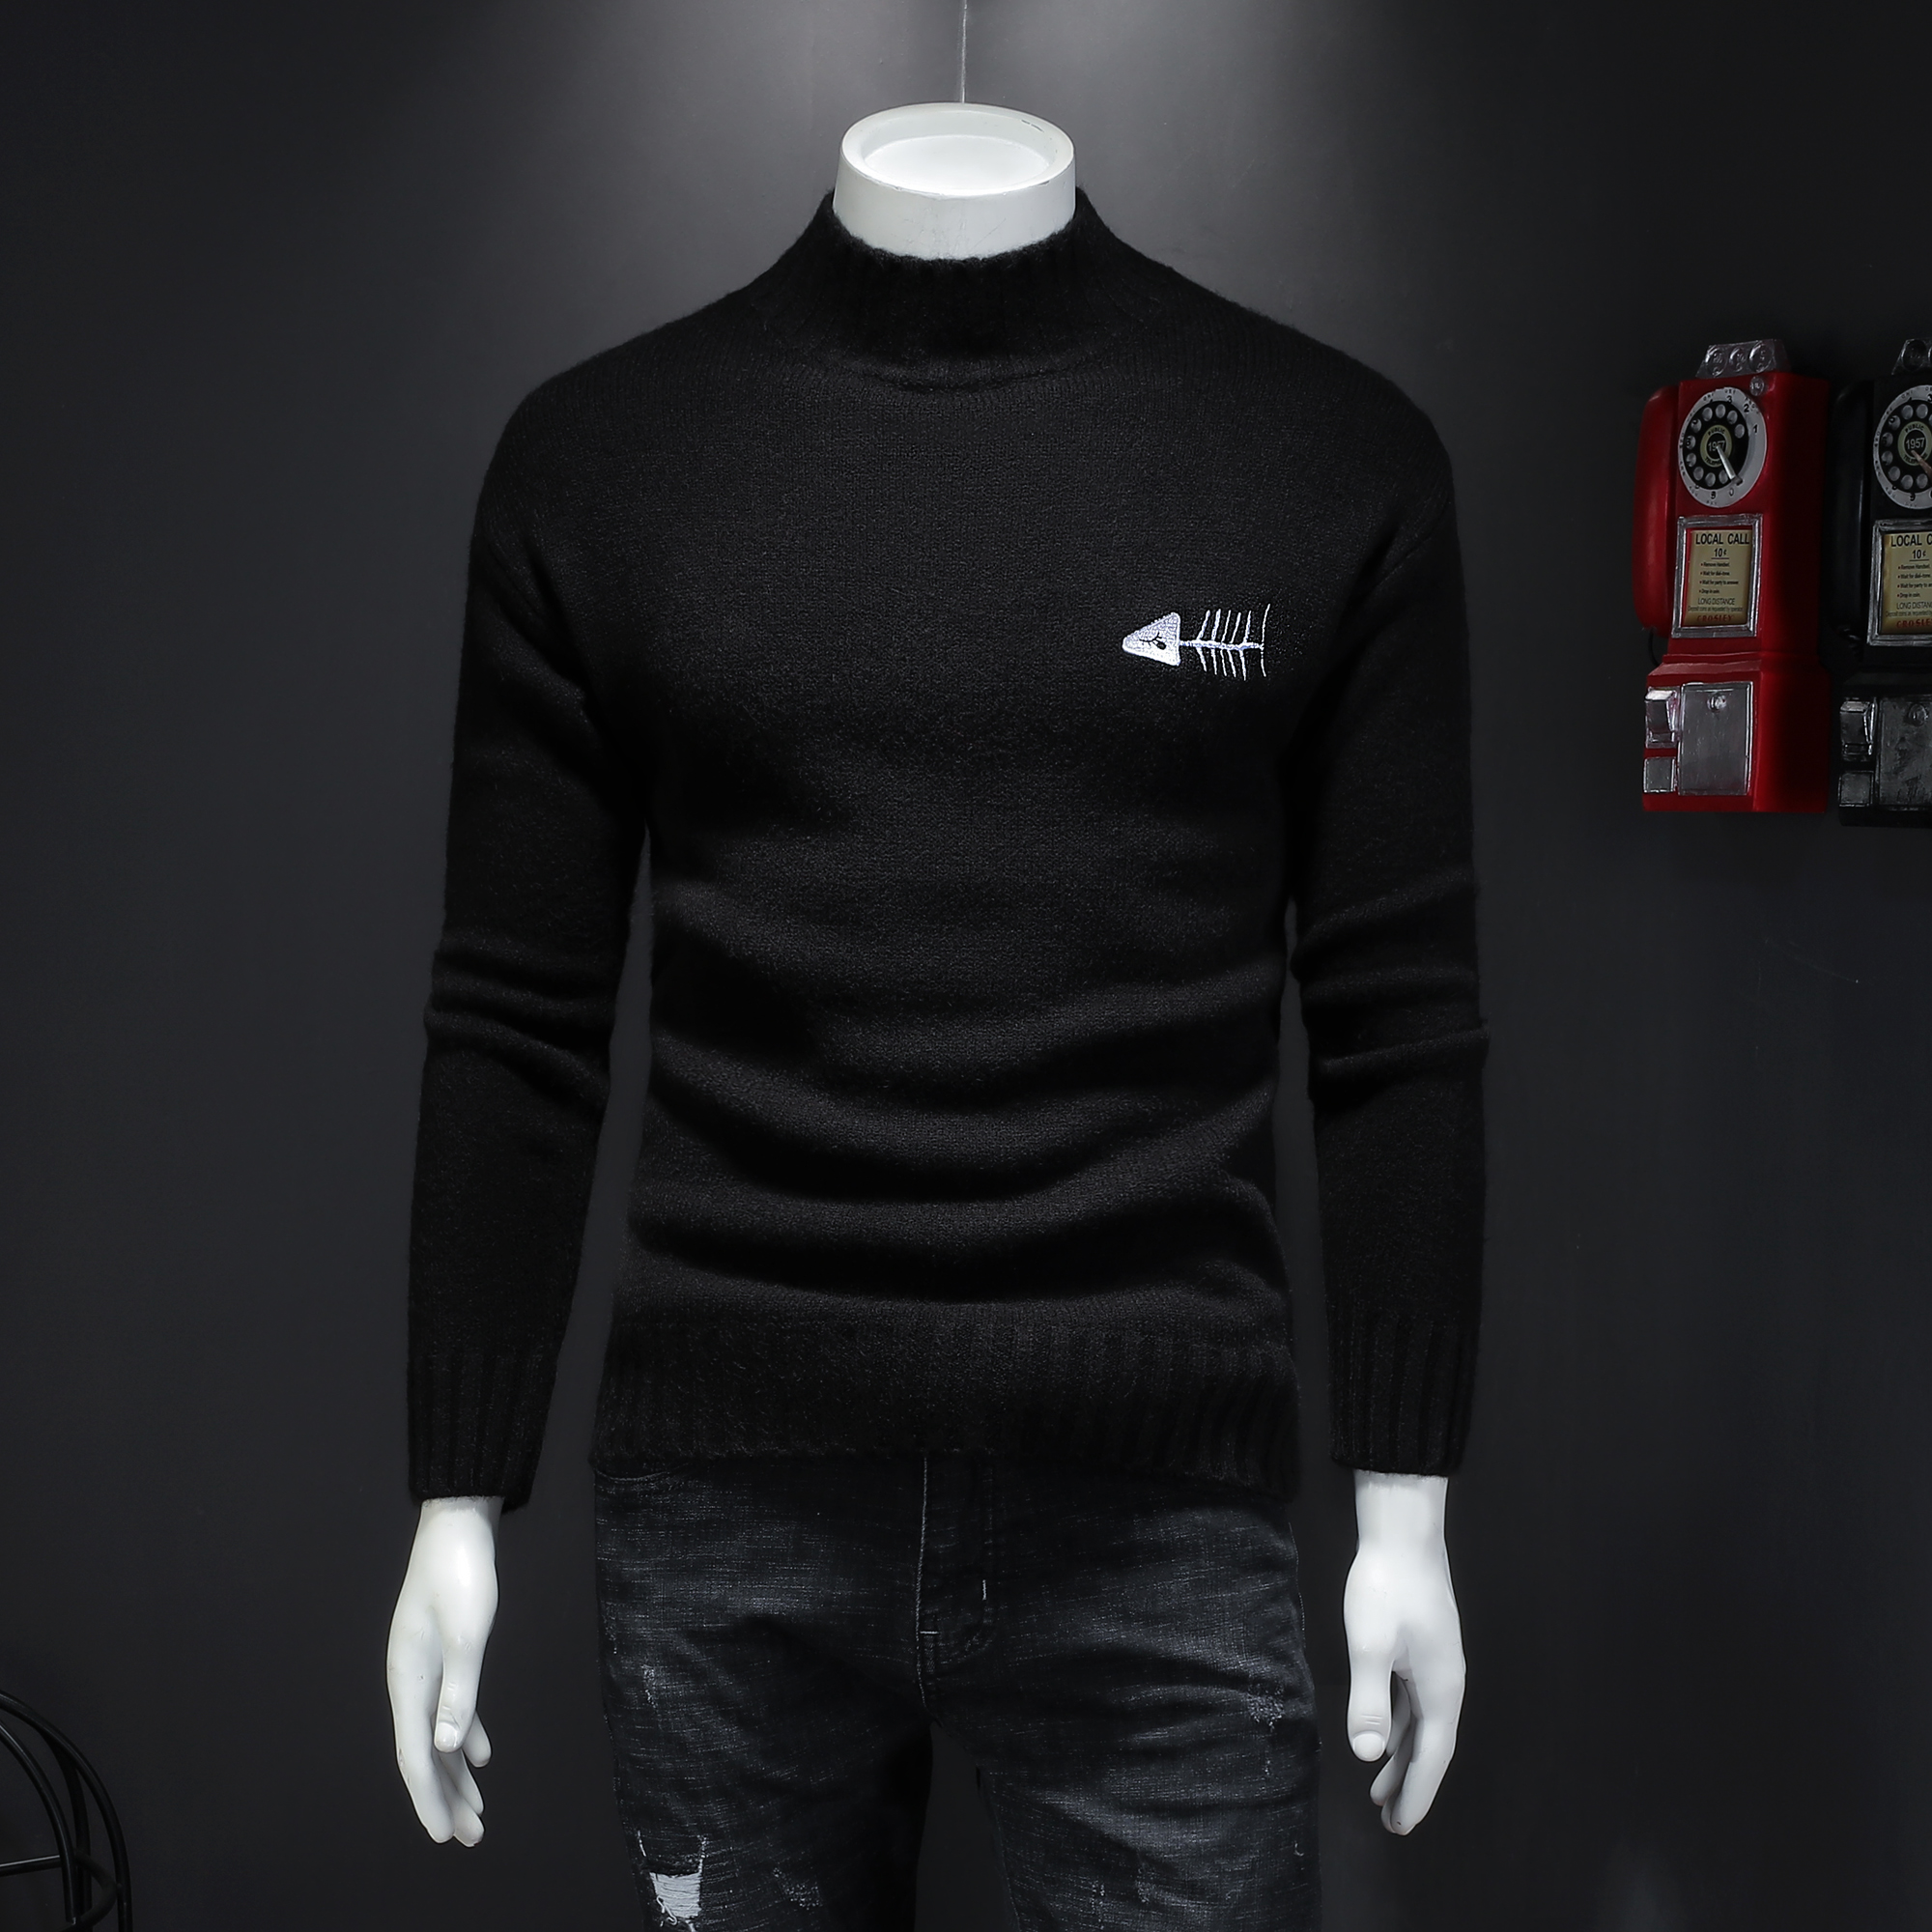 男士冬季半青年针织衫打底加厚针织毛衣潮男韩版高领线衫男款刺绣